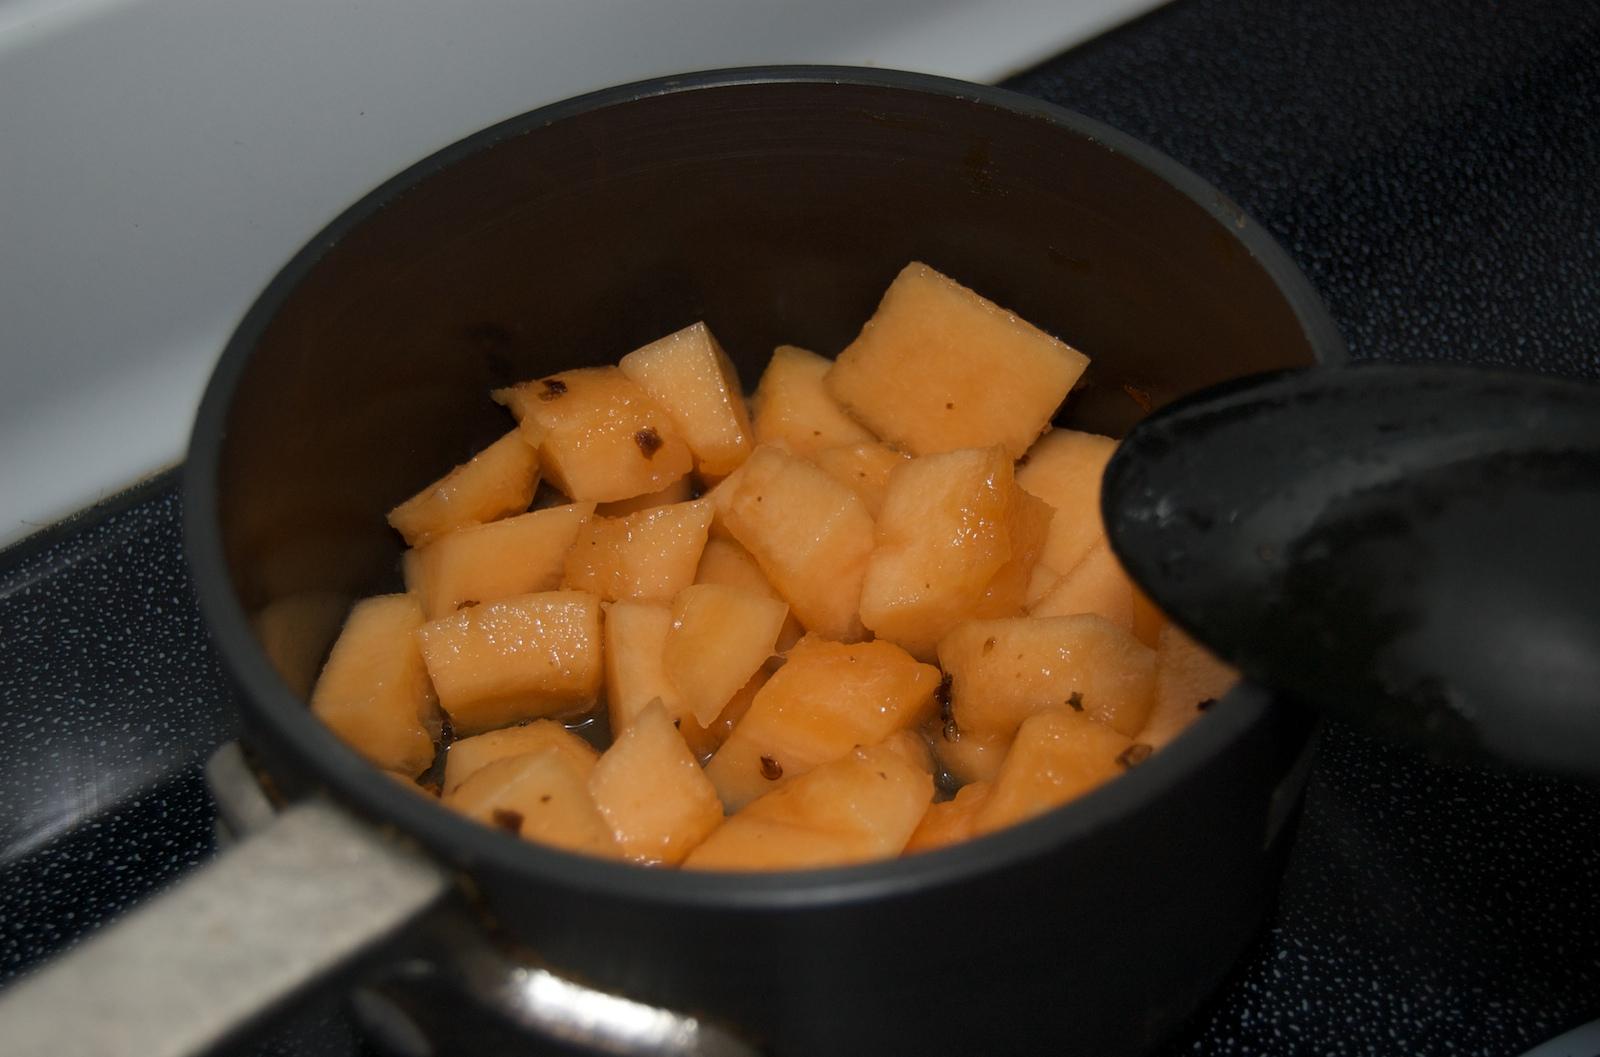 http://blog.rickk.com/food/2010/01/13/DSC_0002.jpg